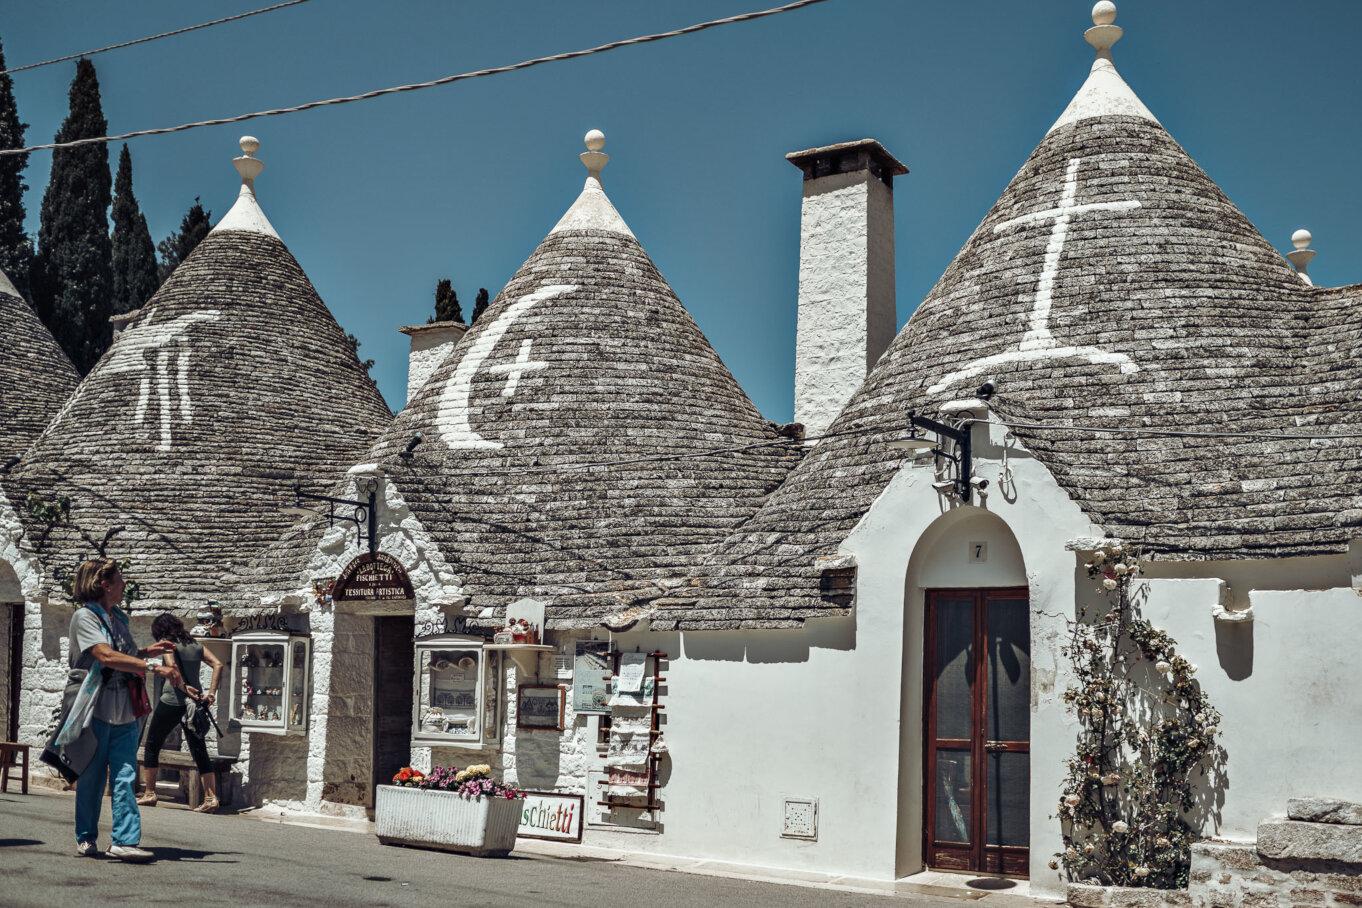 Białe symbole na spiczastych dachach truli miały odpędzać złe duchy